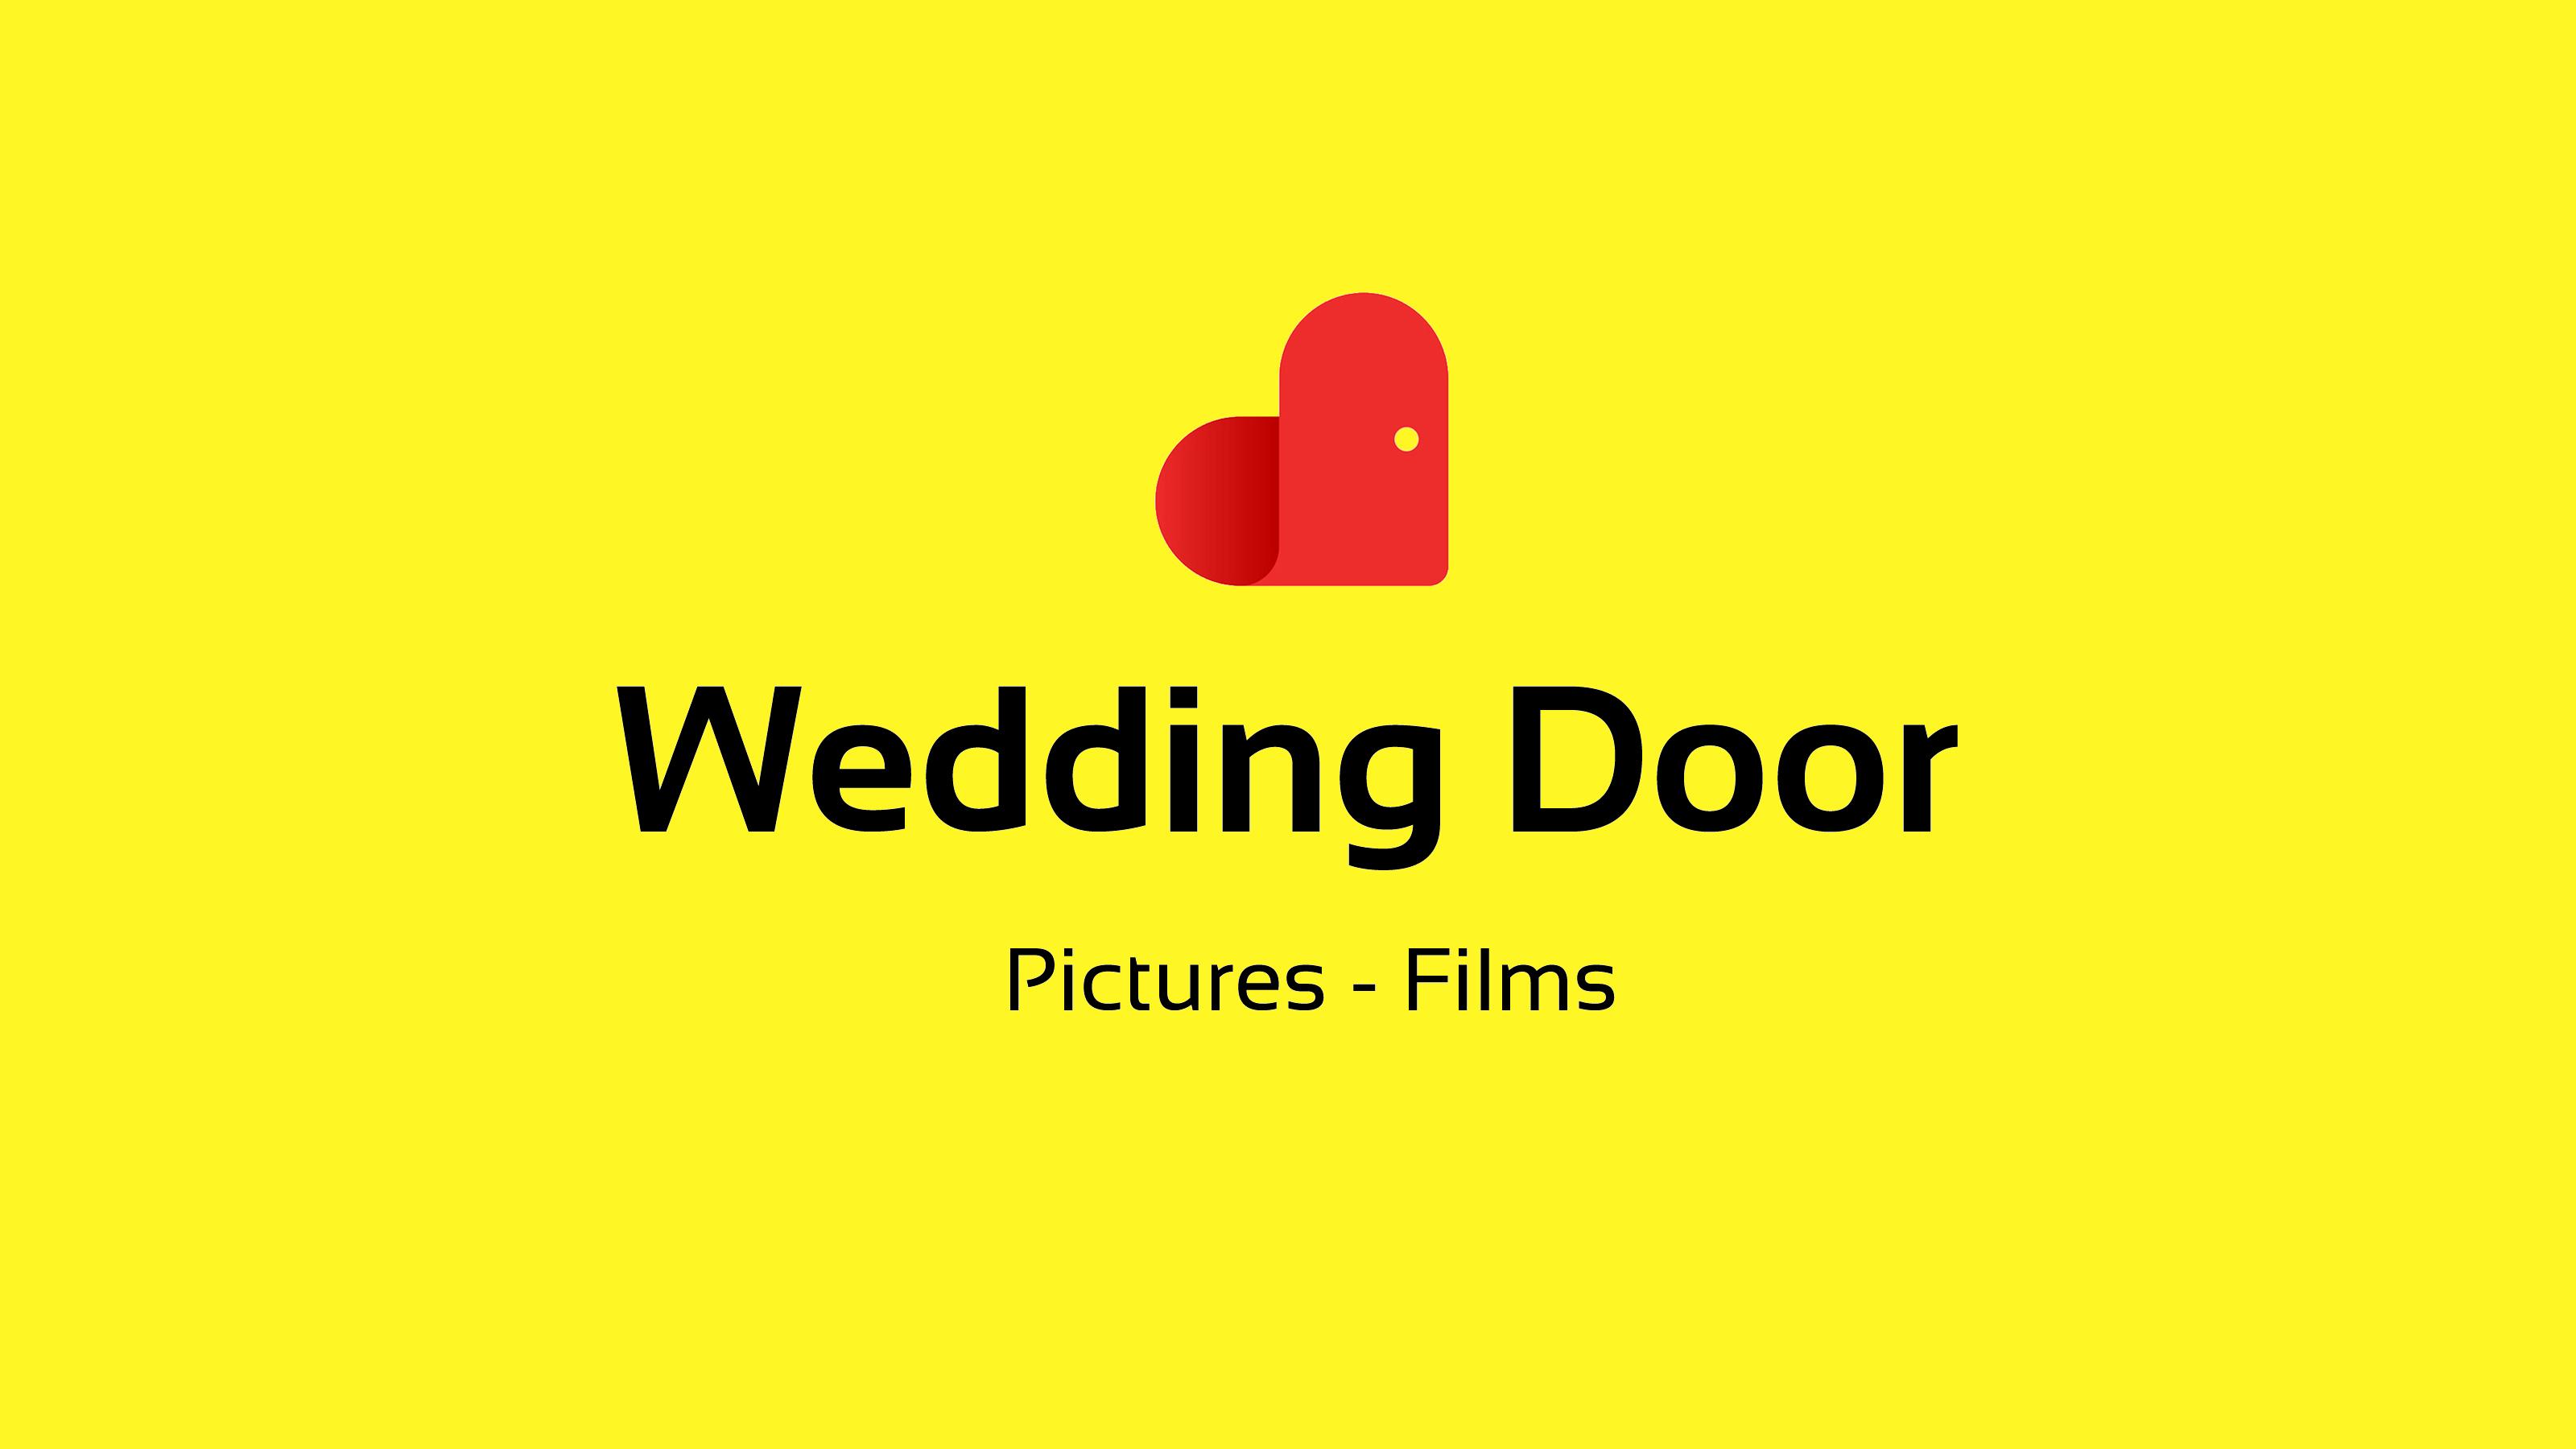 WEDDING DOOR / Pictures - Films